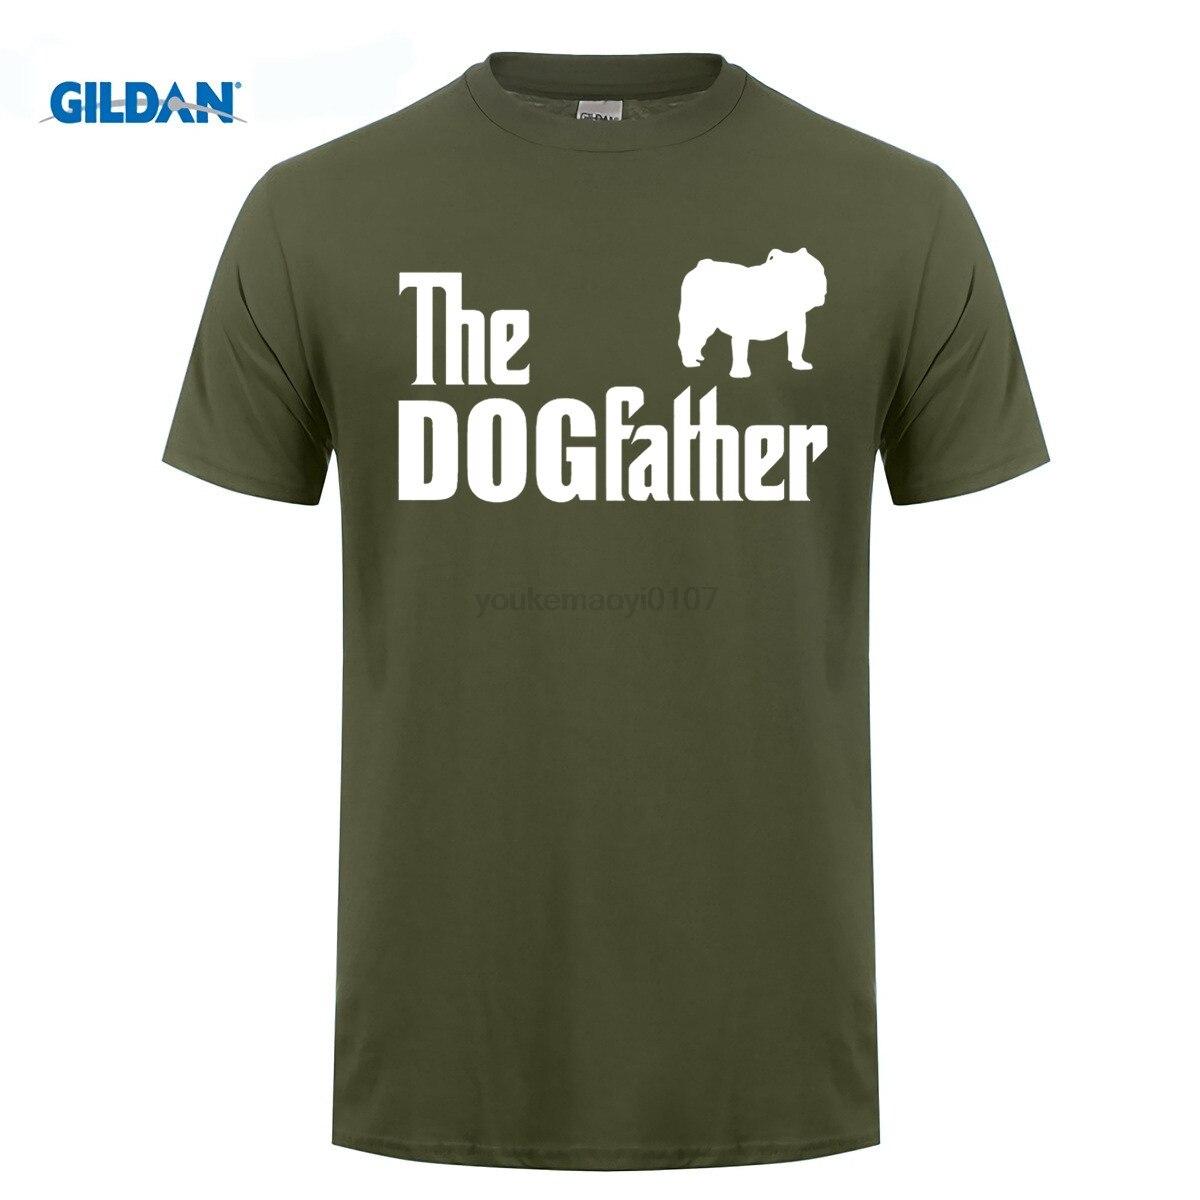 GILDAN T Shirt Design Online O-Neck Short The Dogfather Bulldog English Bulldog Dog Funny Gift Idea Graphic T Shirts